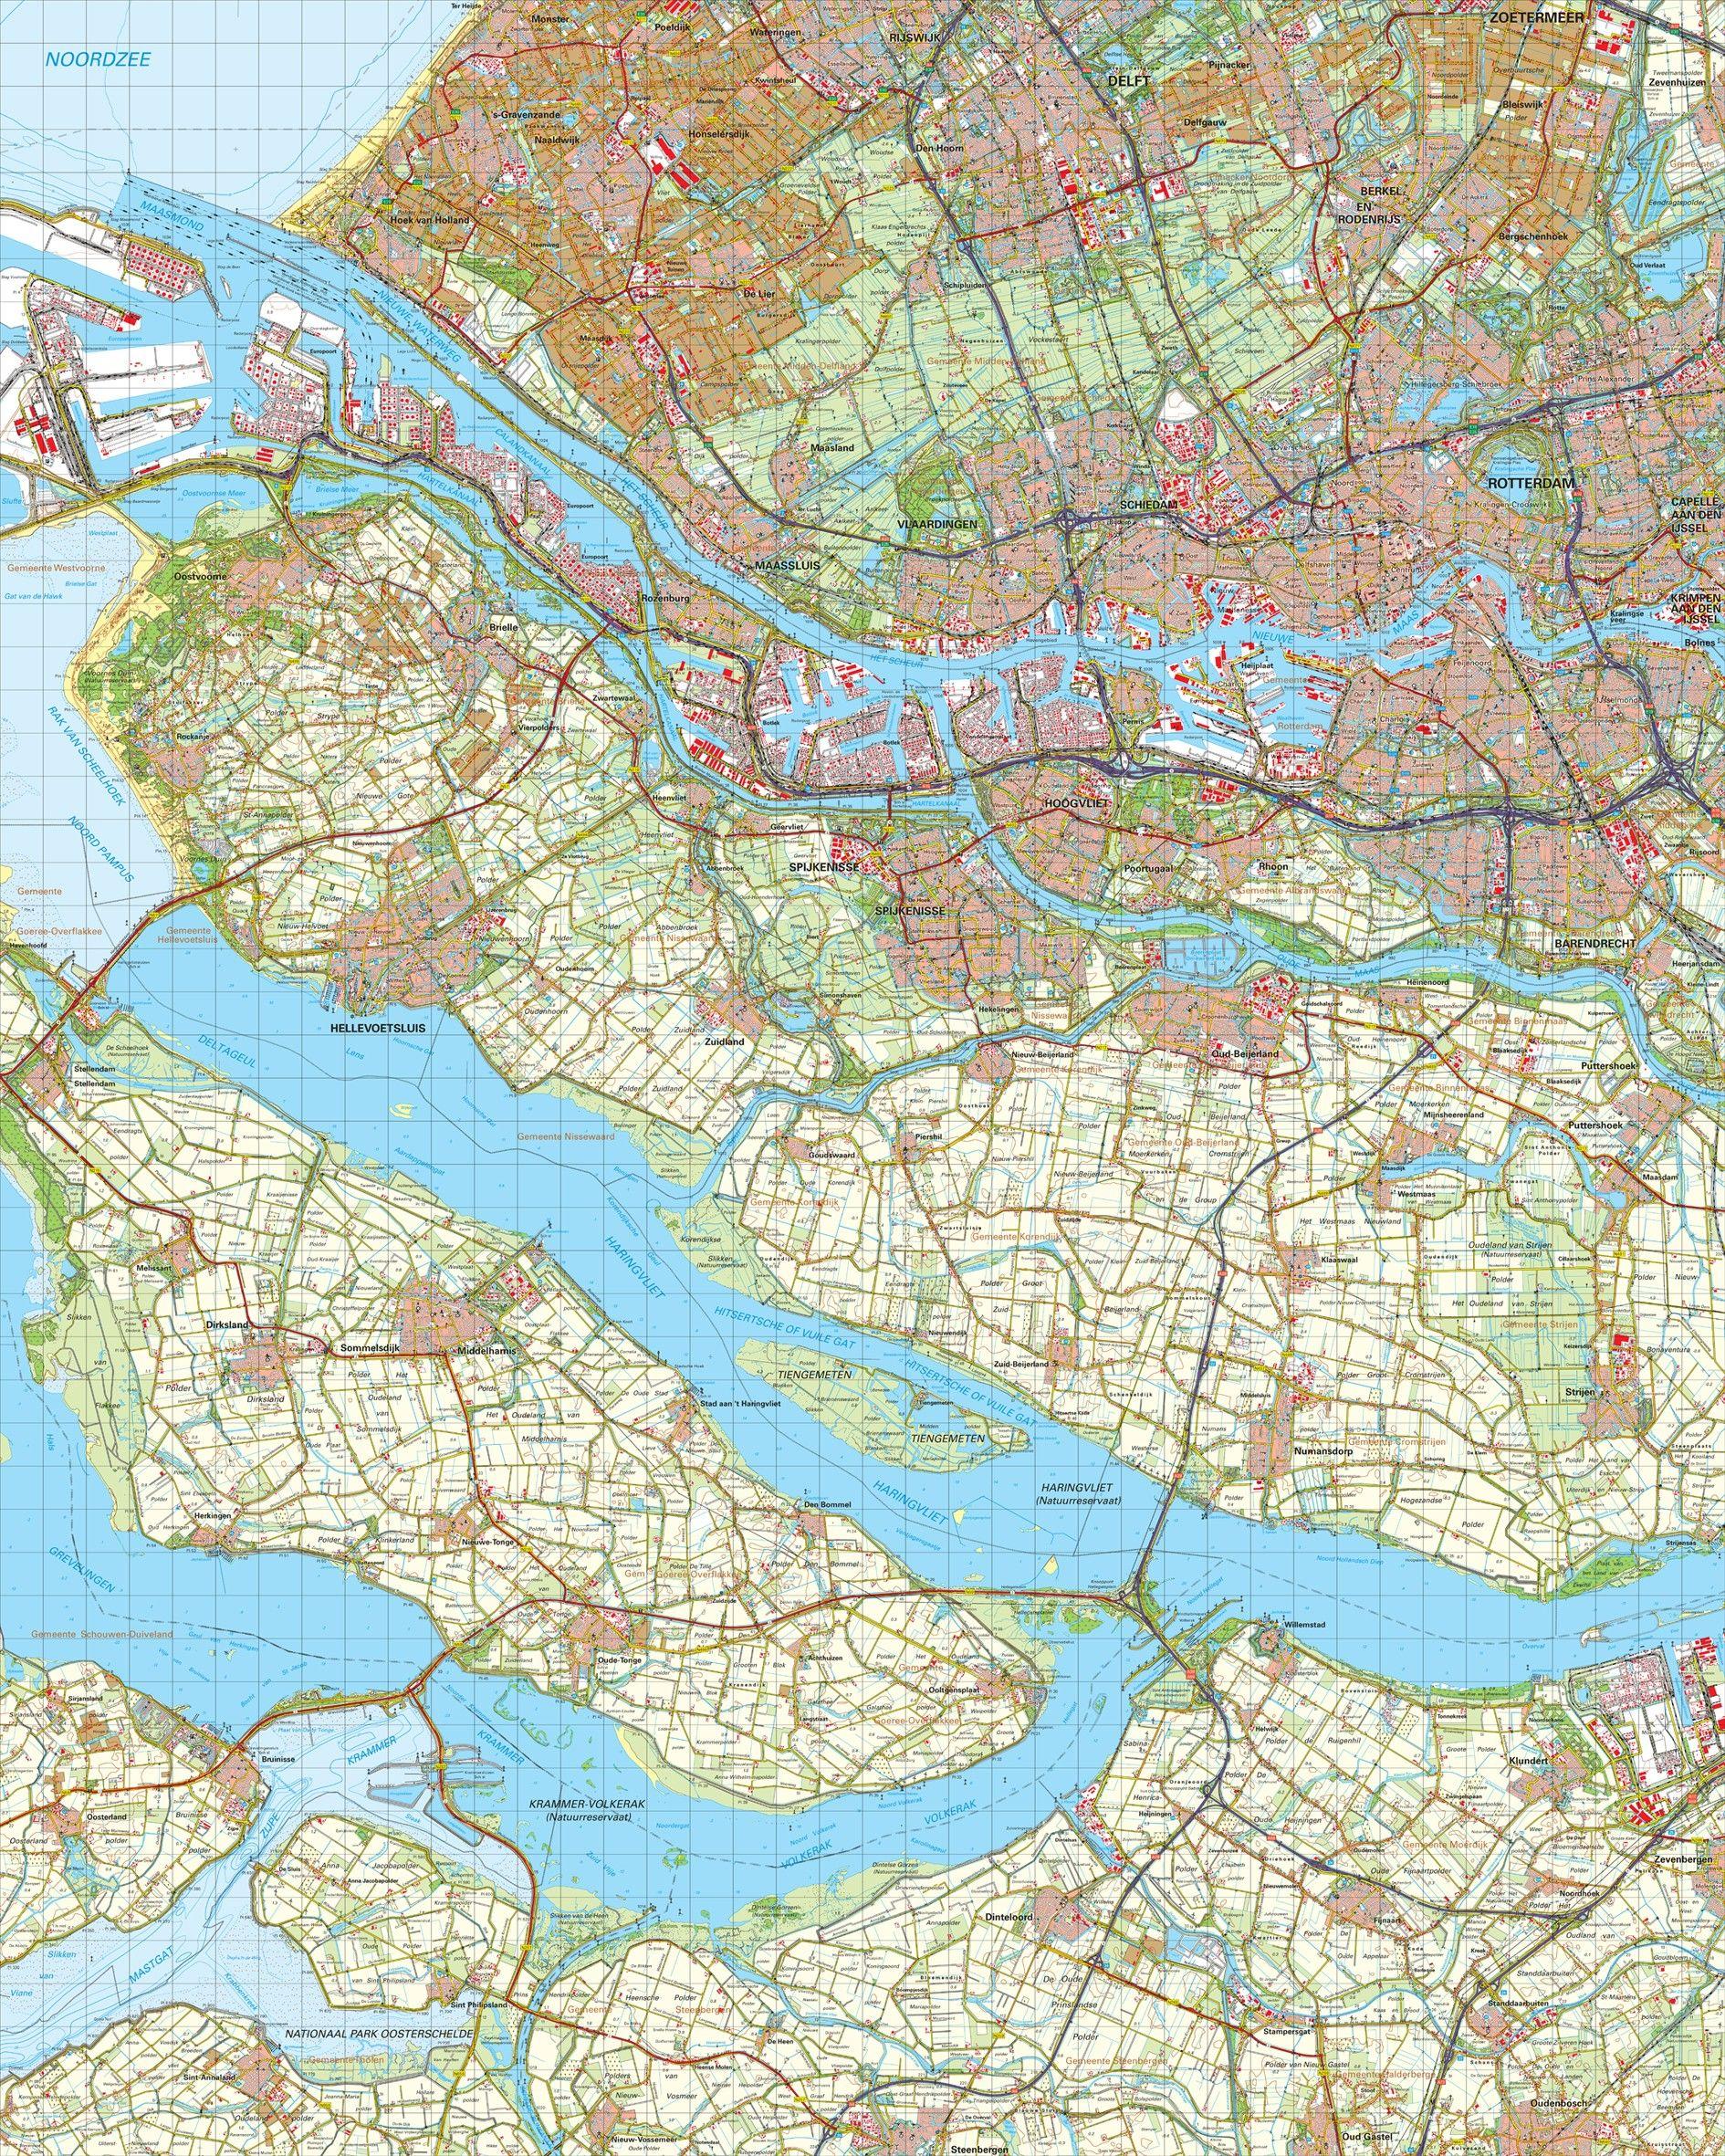 Topografische kaart schaal 1:50.000 (Rotterdam,Schiedam,Spijkenisse,Oud-Beijerland)